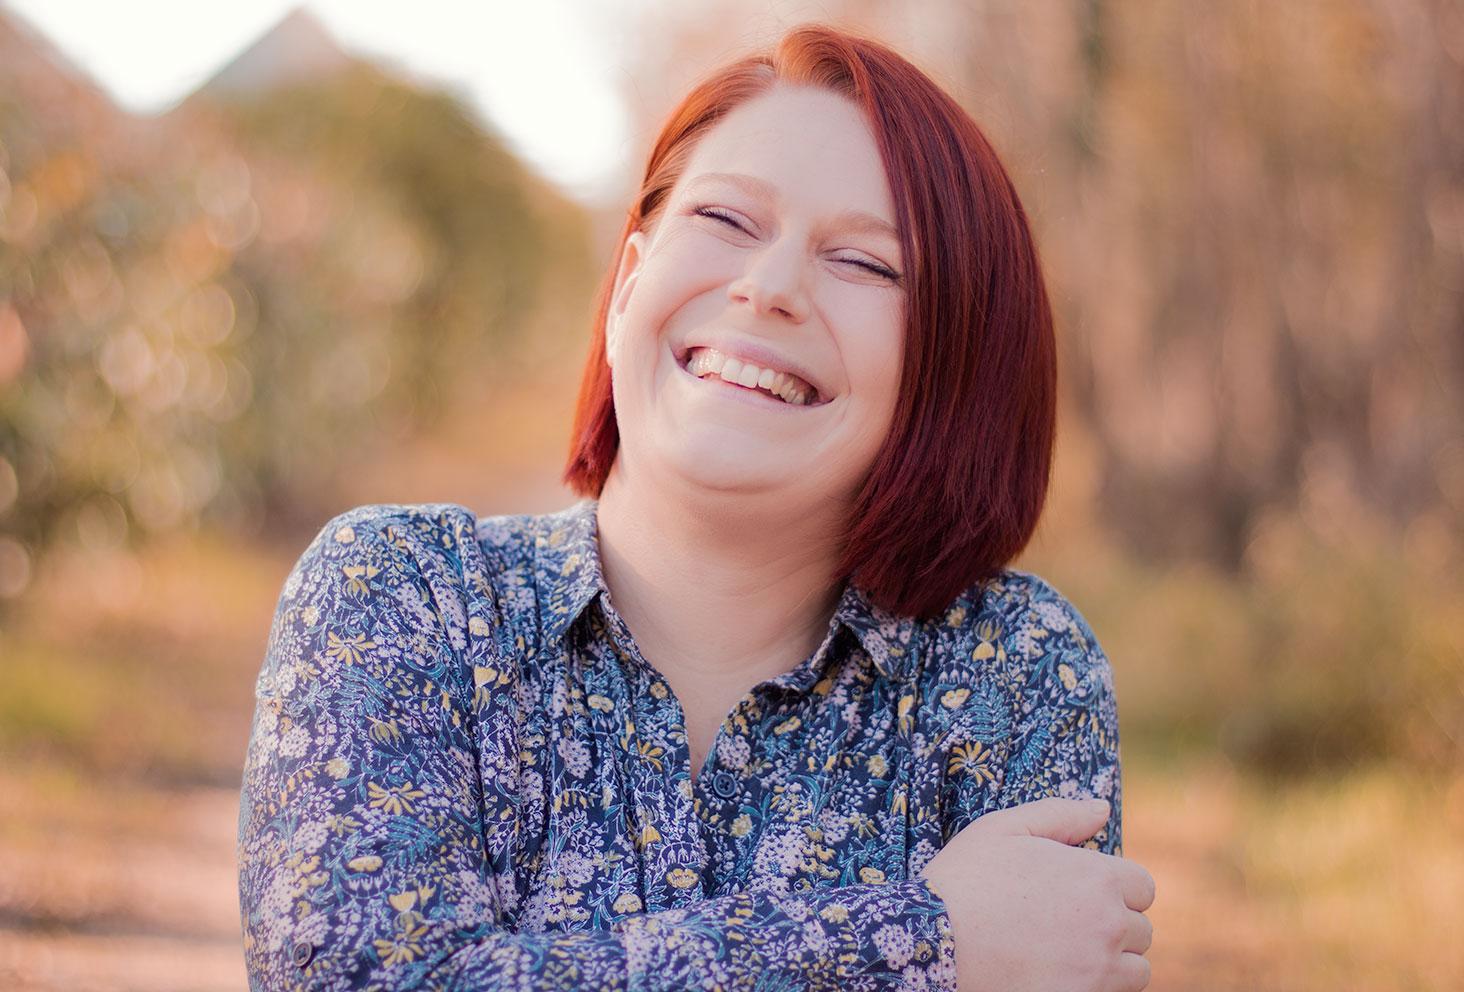 Portrait dans la forêt avec le sourire pour montrer le résultat des baumes à lèvres